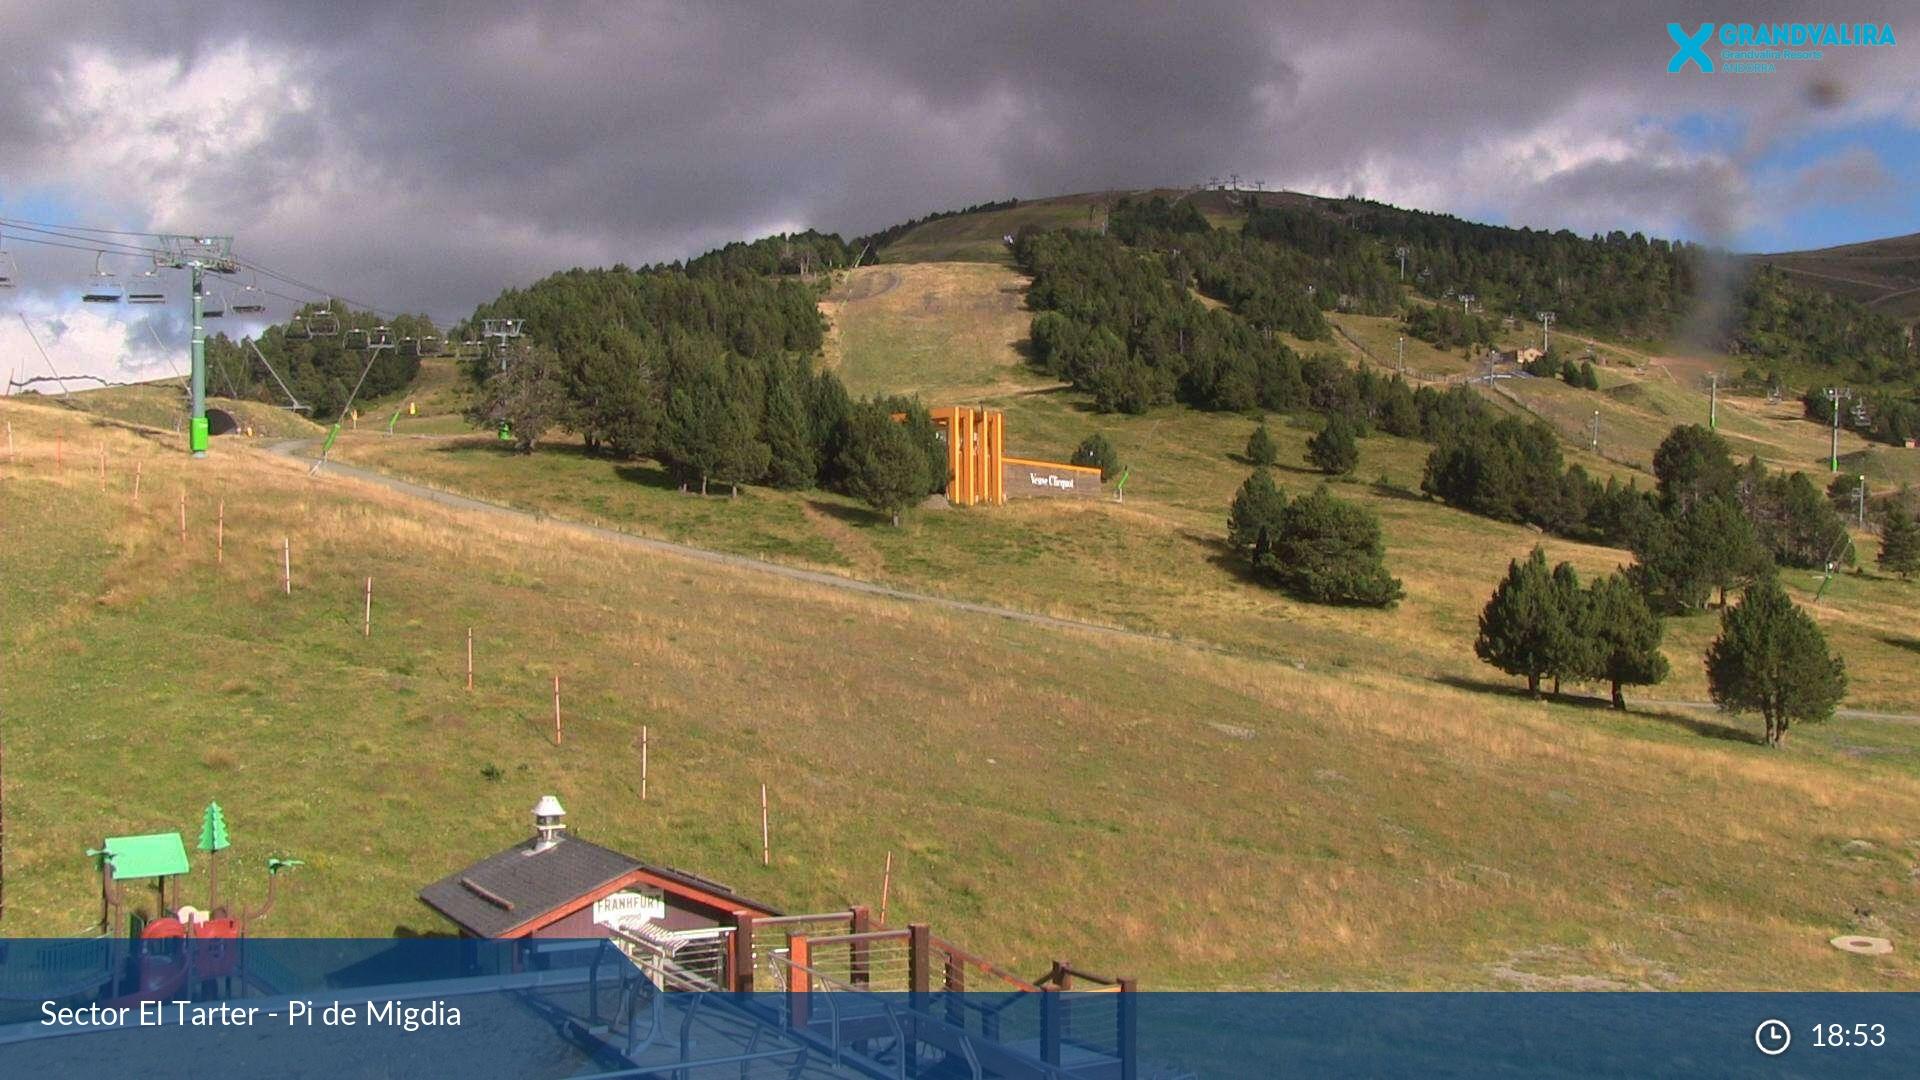 Webcam de El Tarter - Tosa dels Espiolets